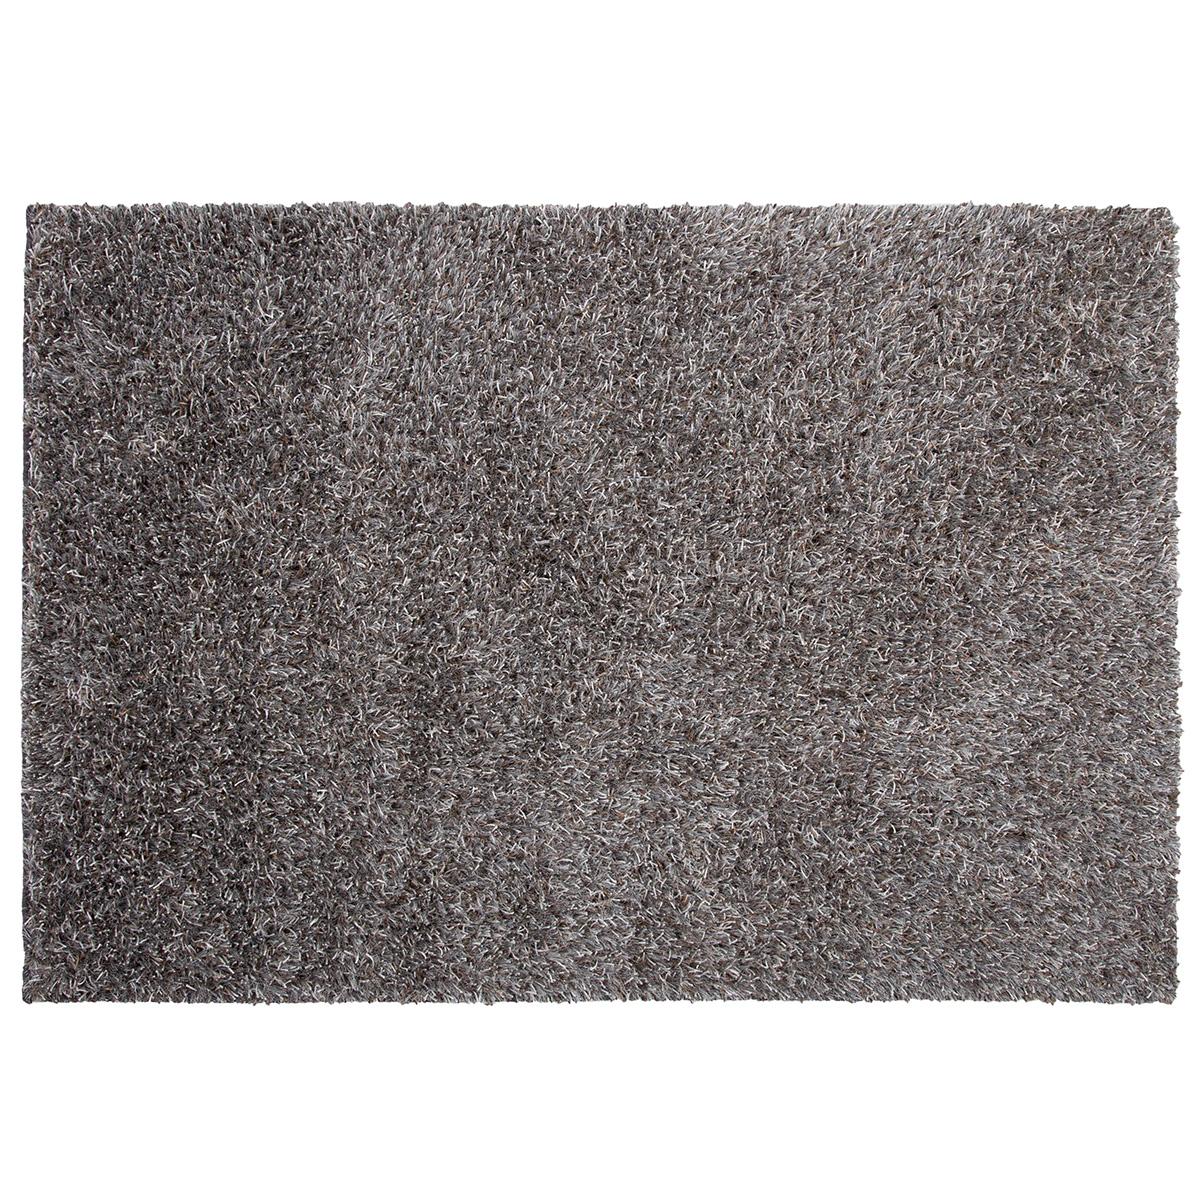 Vloerkleed Brinker Peace Ivory Grey | 200 x 290 cm